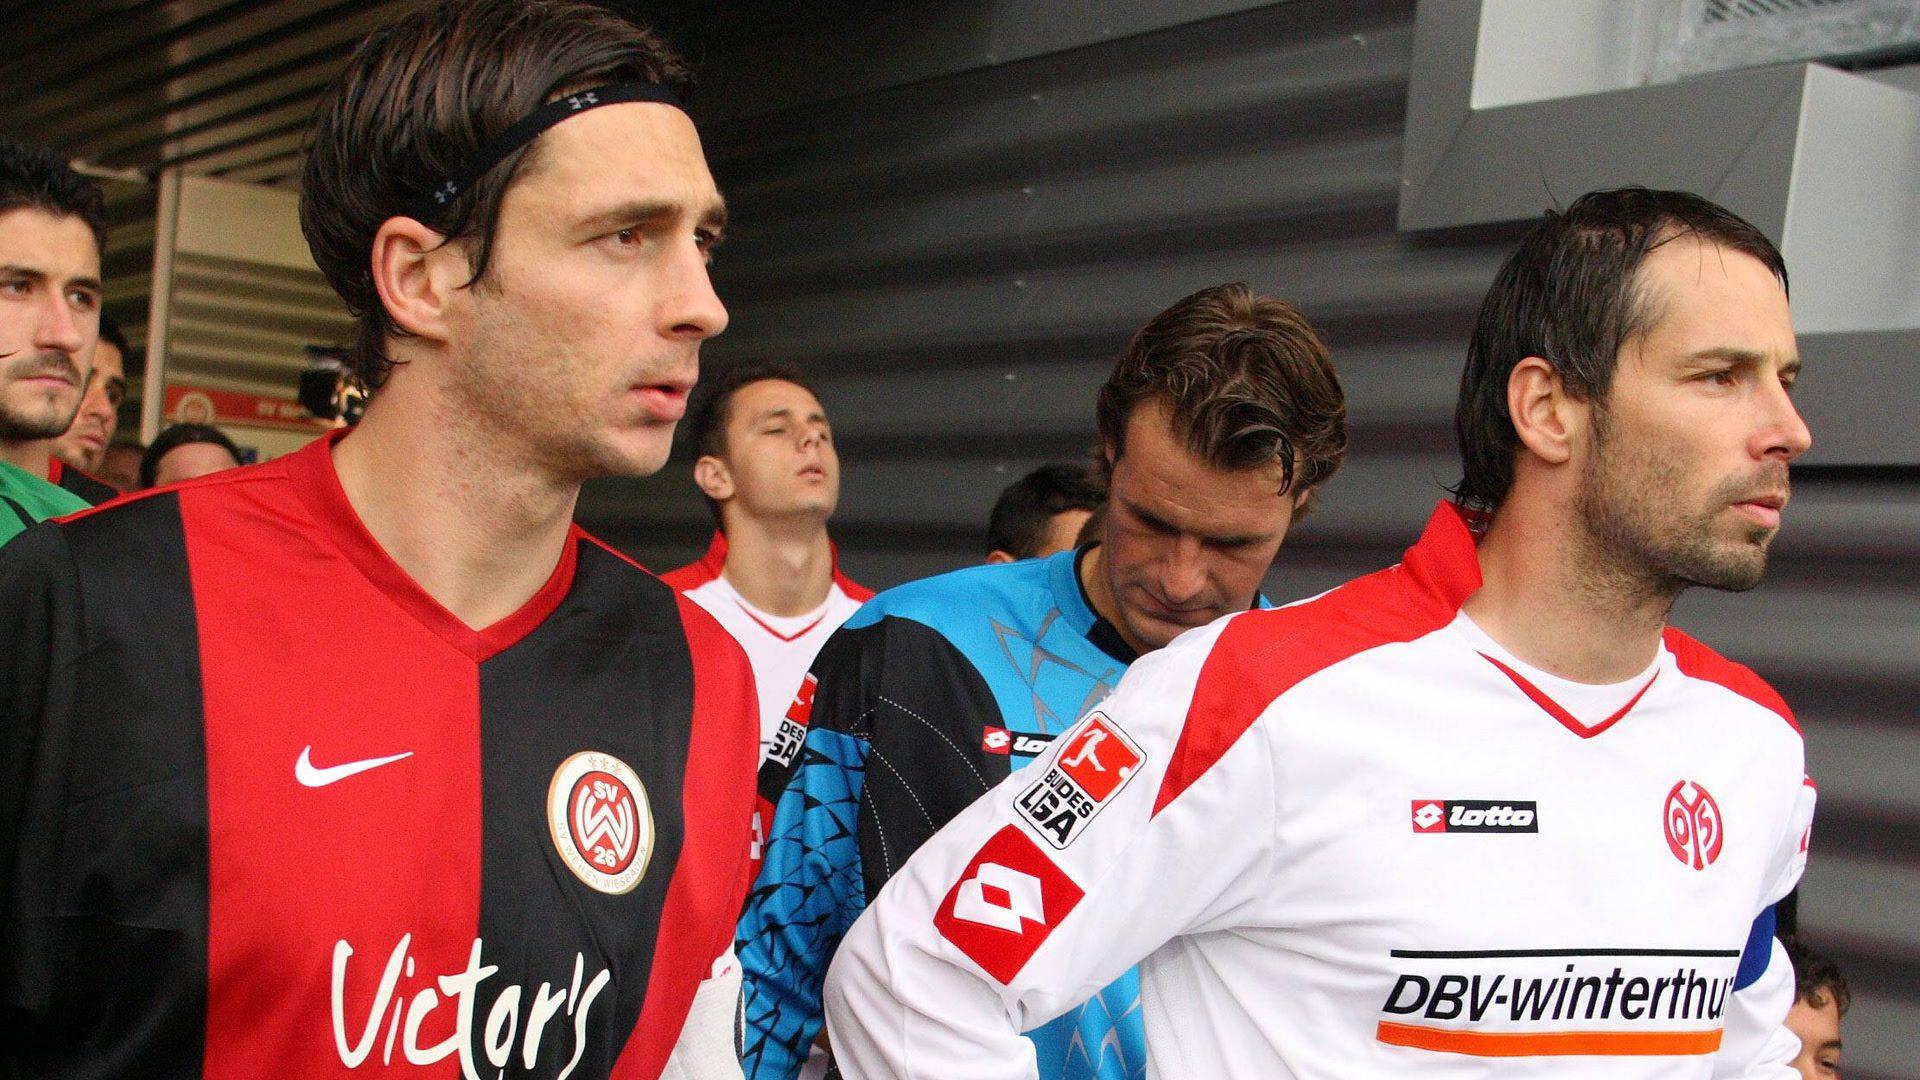 Freundschaftsduell: Sandro Schwarz gegen Marco Rose